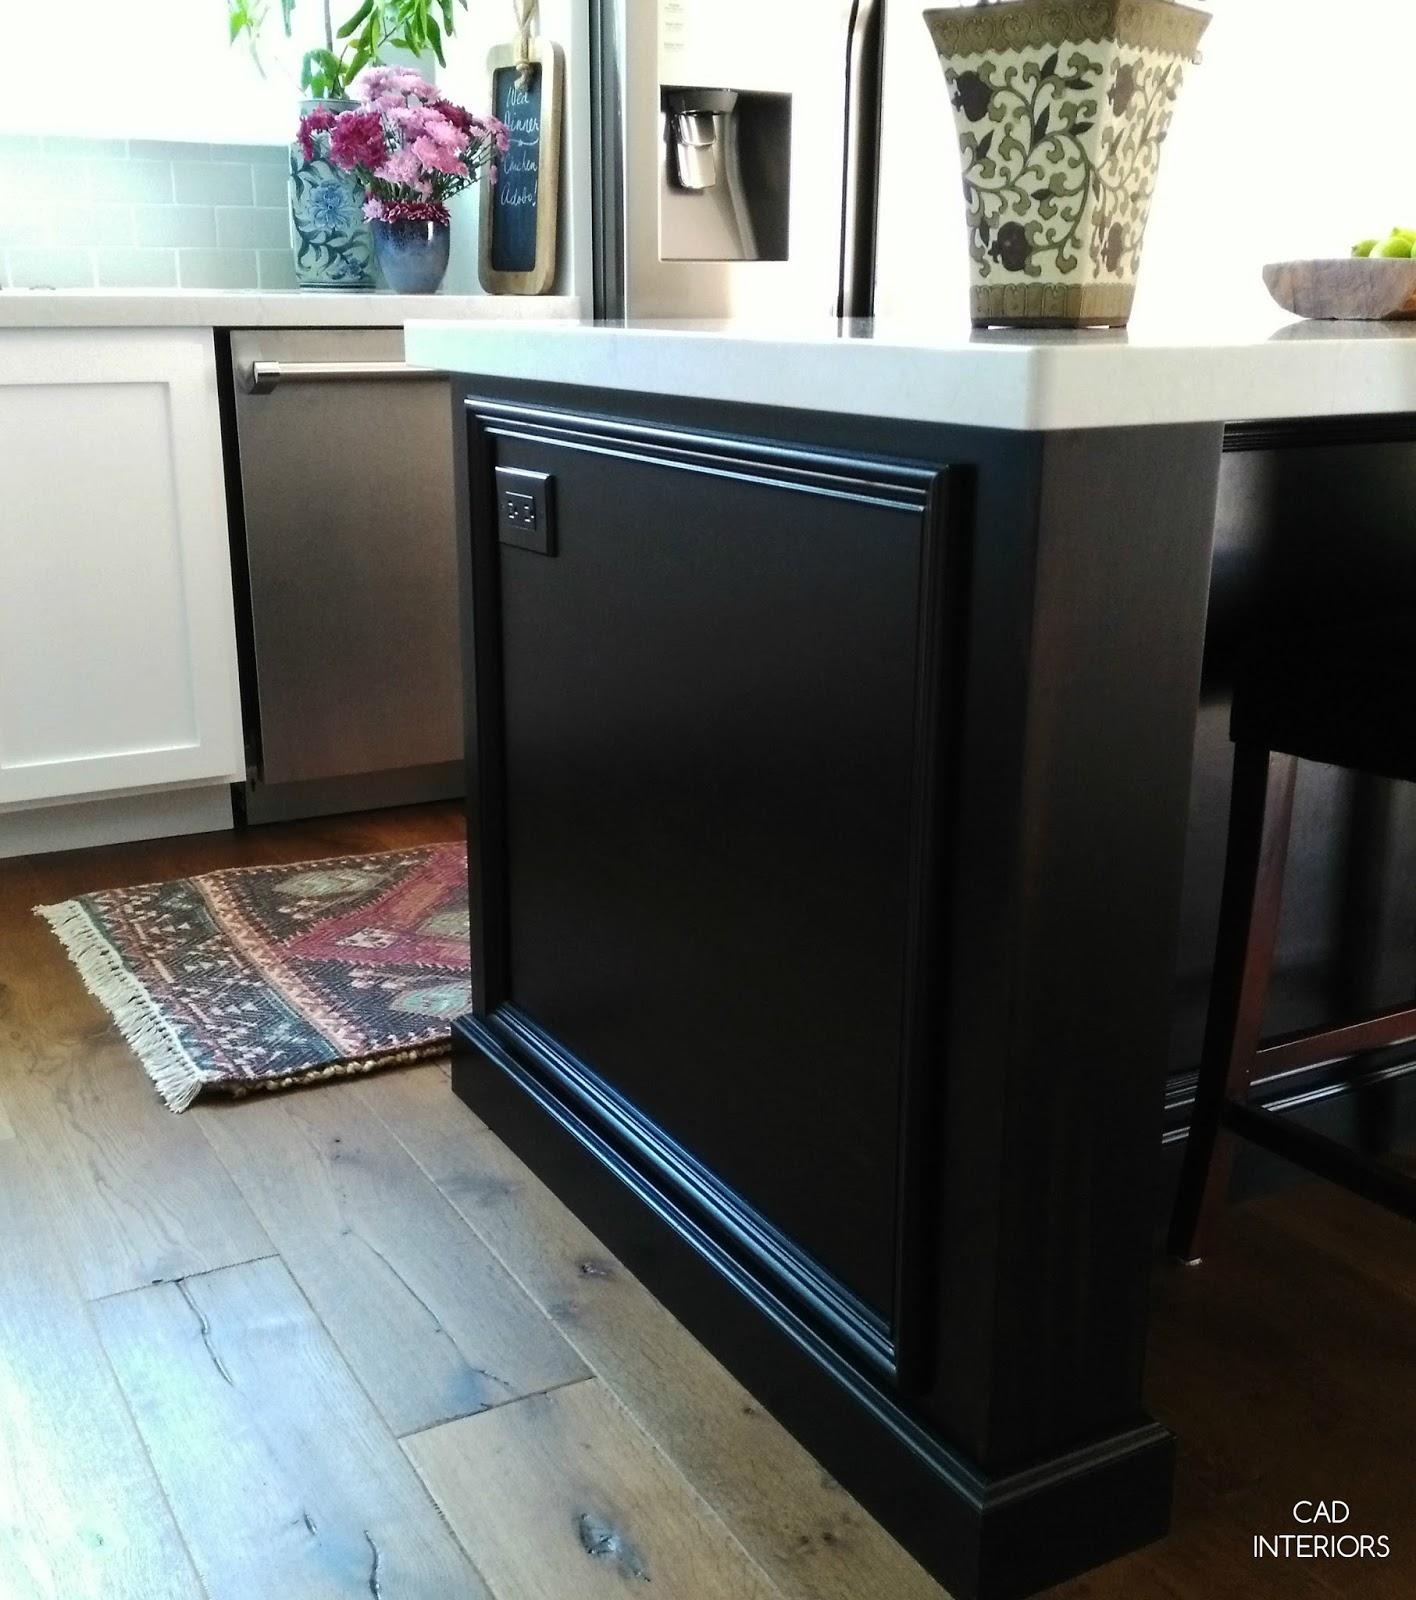 Cool CAD INTERIORS kitchen renovation pental quartz slab counters